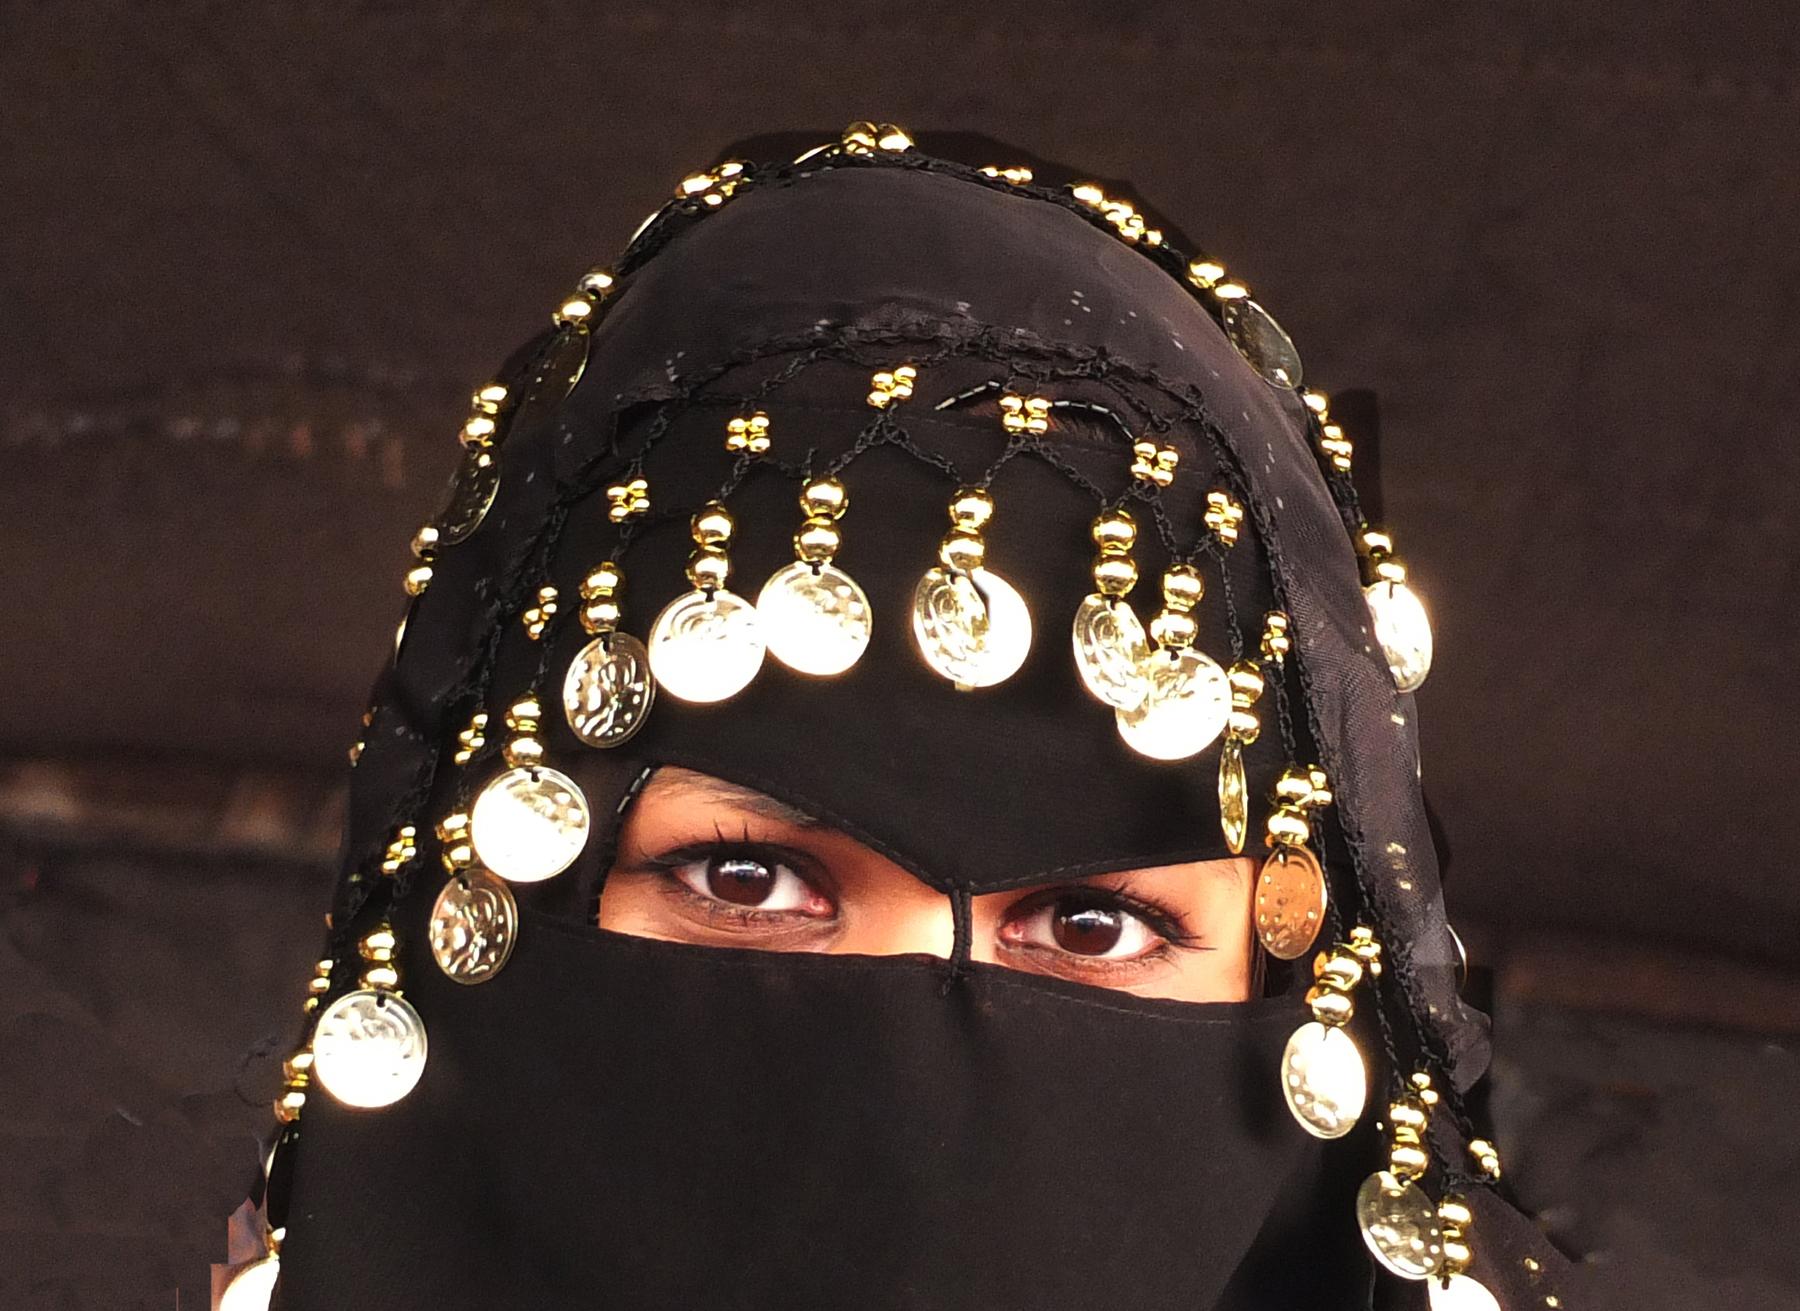 Anhgela_P_Schapiro_In Wadi Rum.jpg.jpg